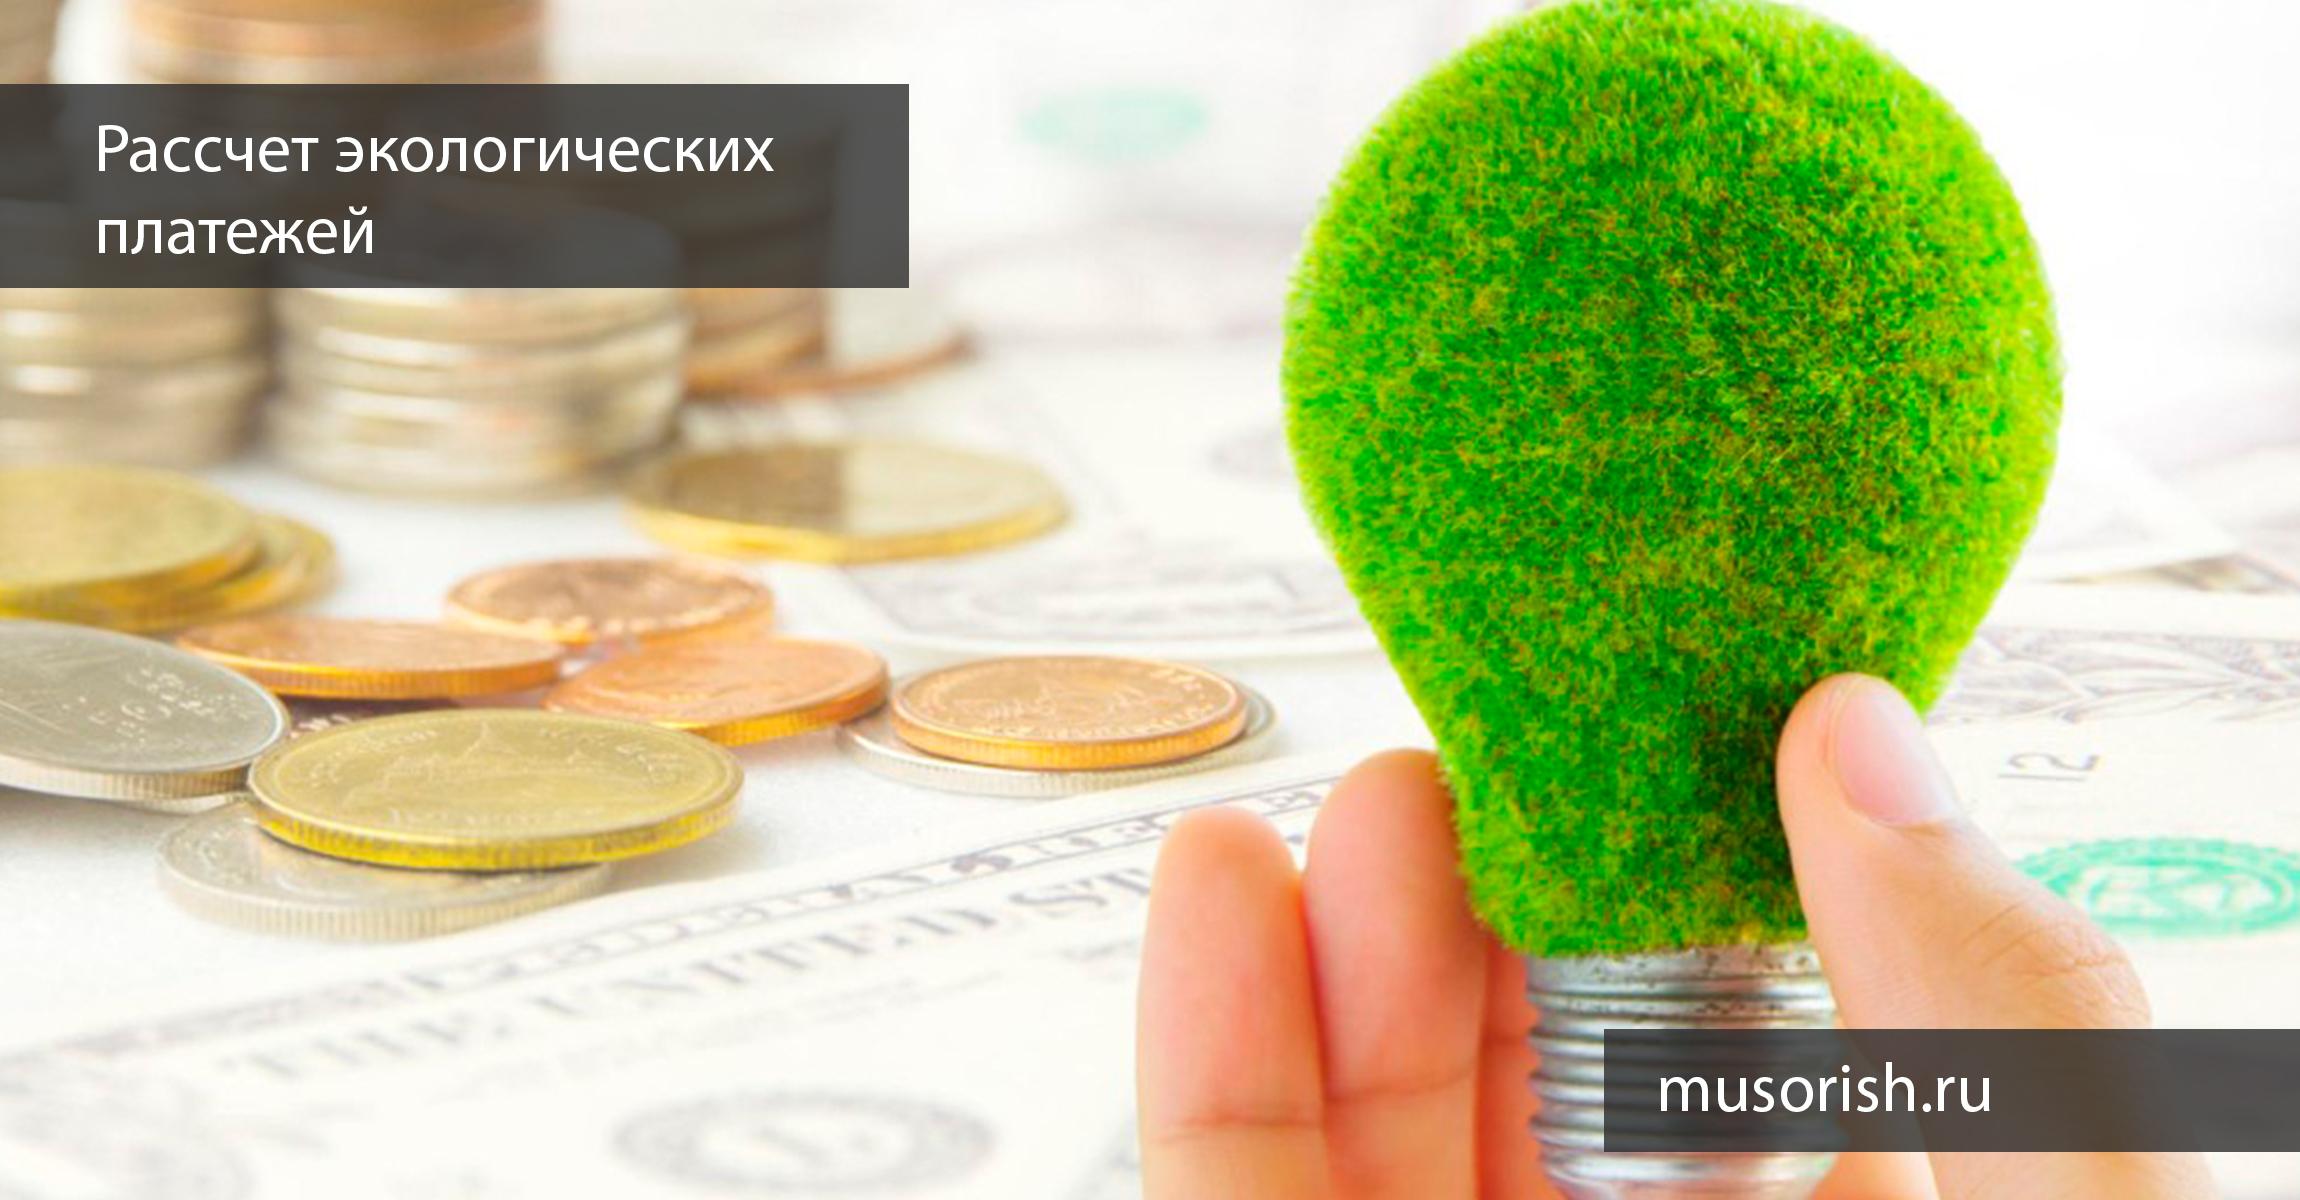 рассчет экологических платежей